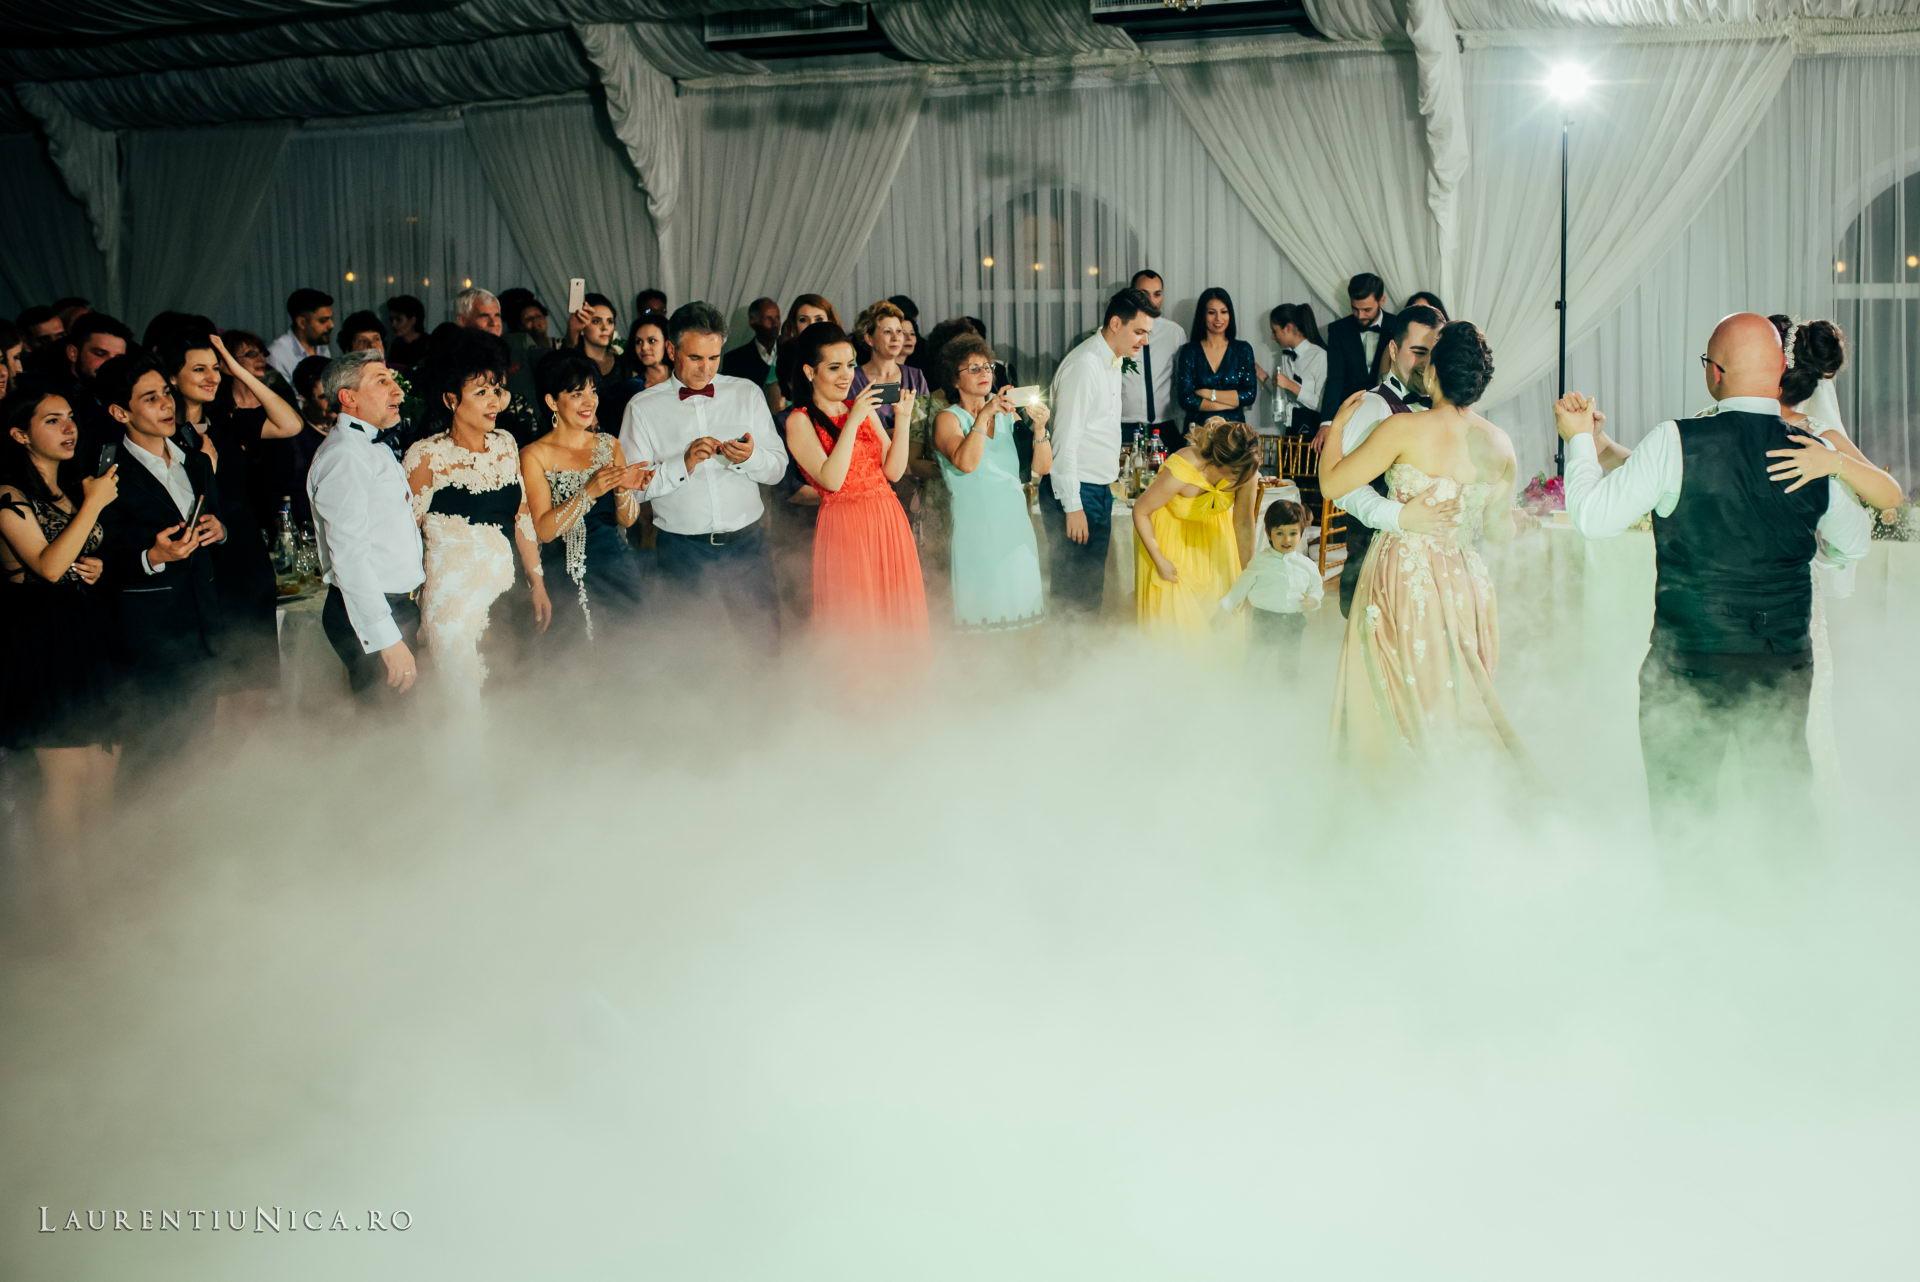 denisa si catalin fotograf nunta laurentiu nica craiova 73 - Denisa si Catalin | Fotografii nunta | Craiova